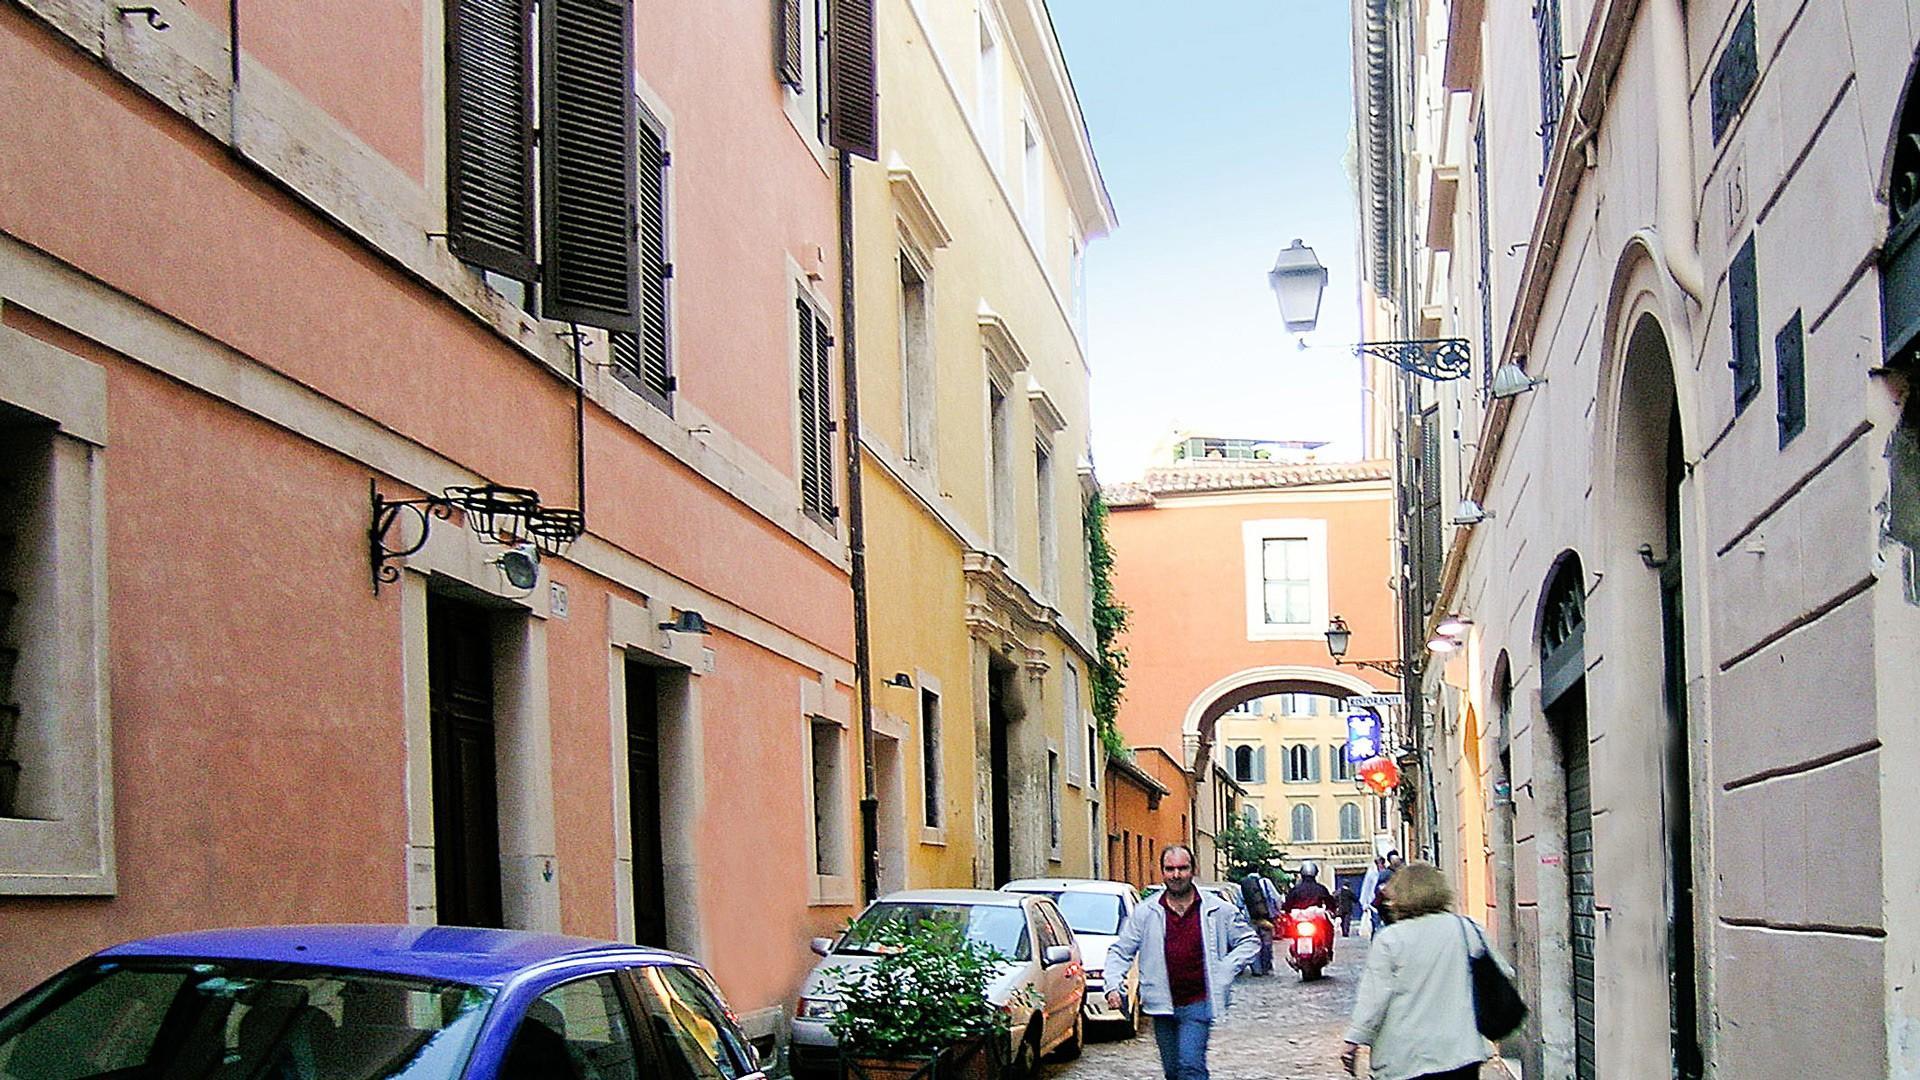 Distinctive arched passage at the end of Via dei Greci.